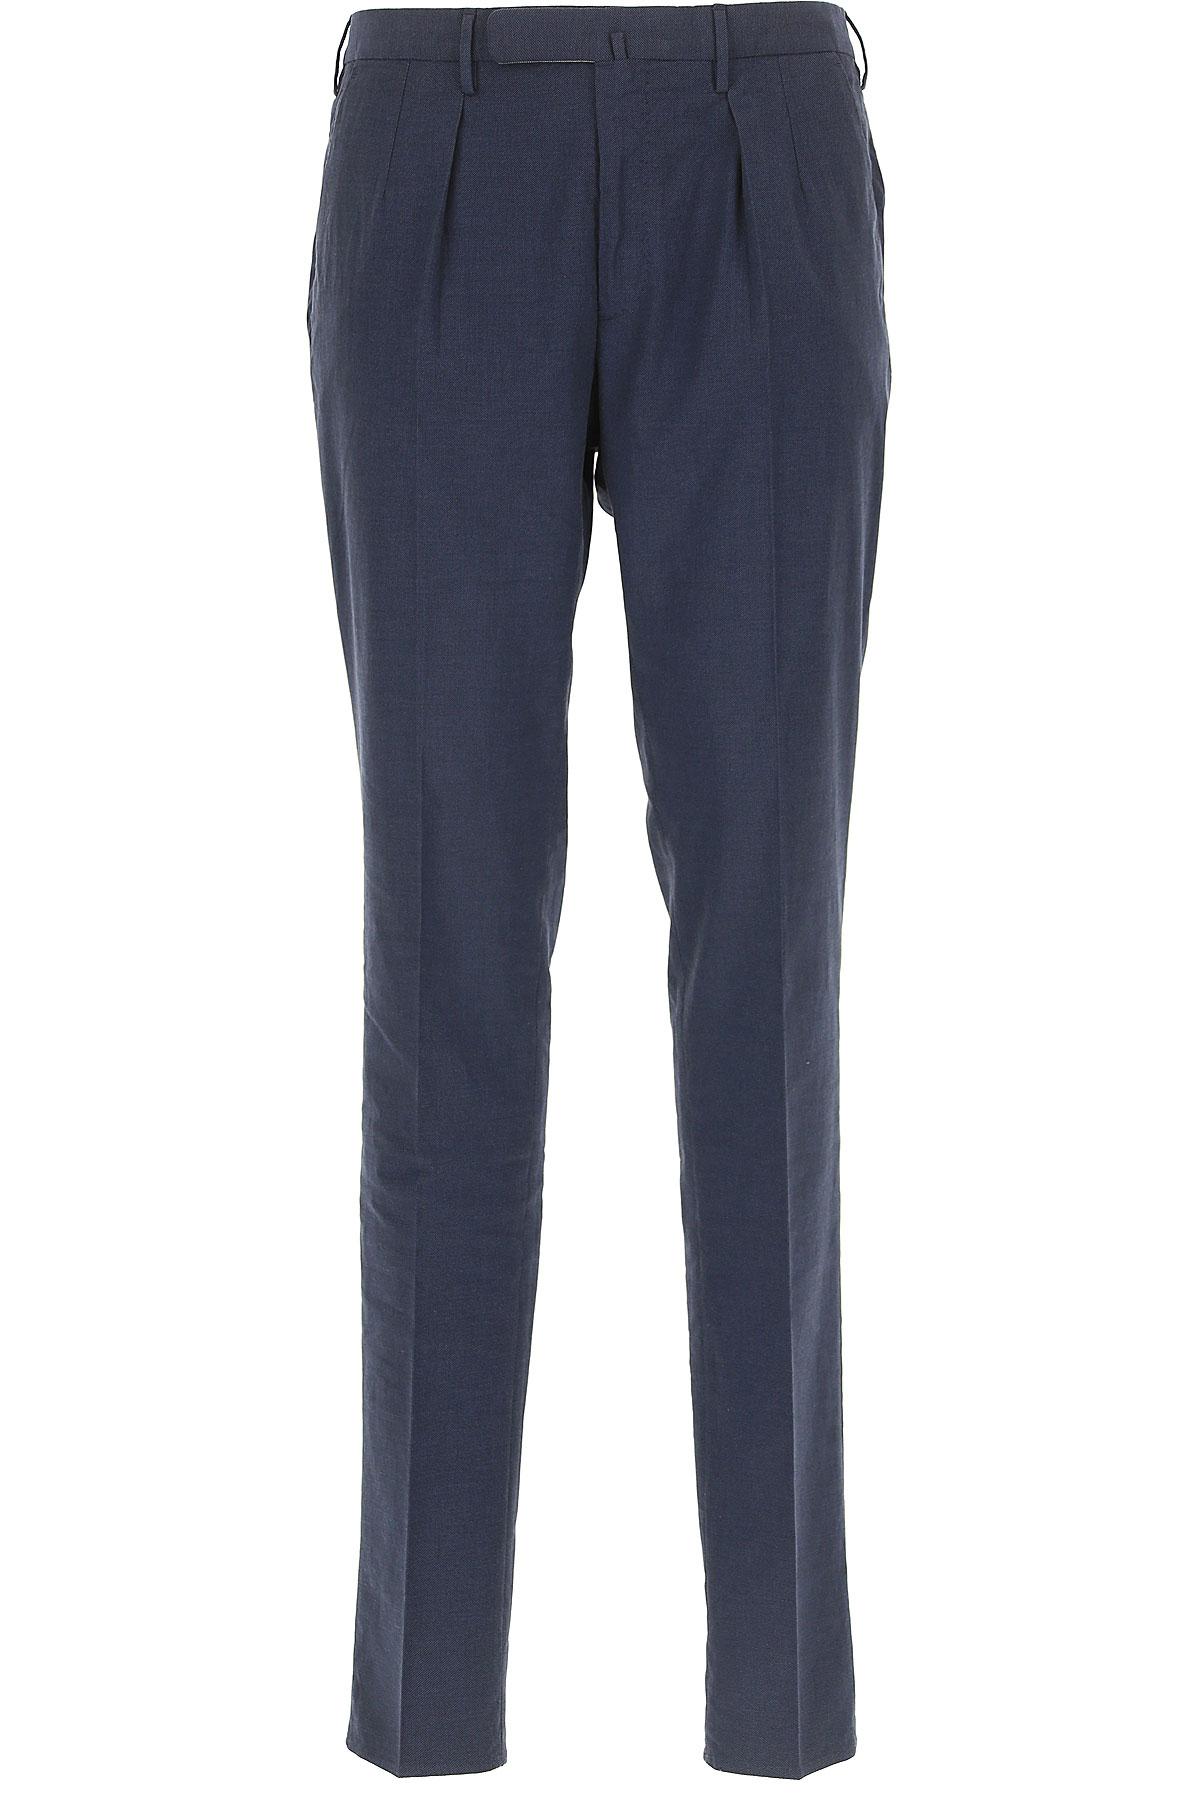 Incotex Pantalon Homme Pas cher en Soldes, Bleu foncé, Coton, 2019, 50 52